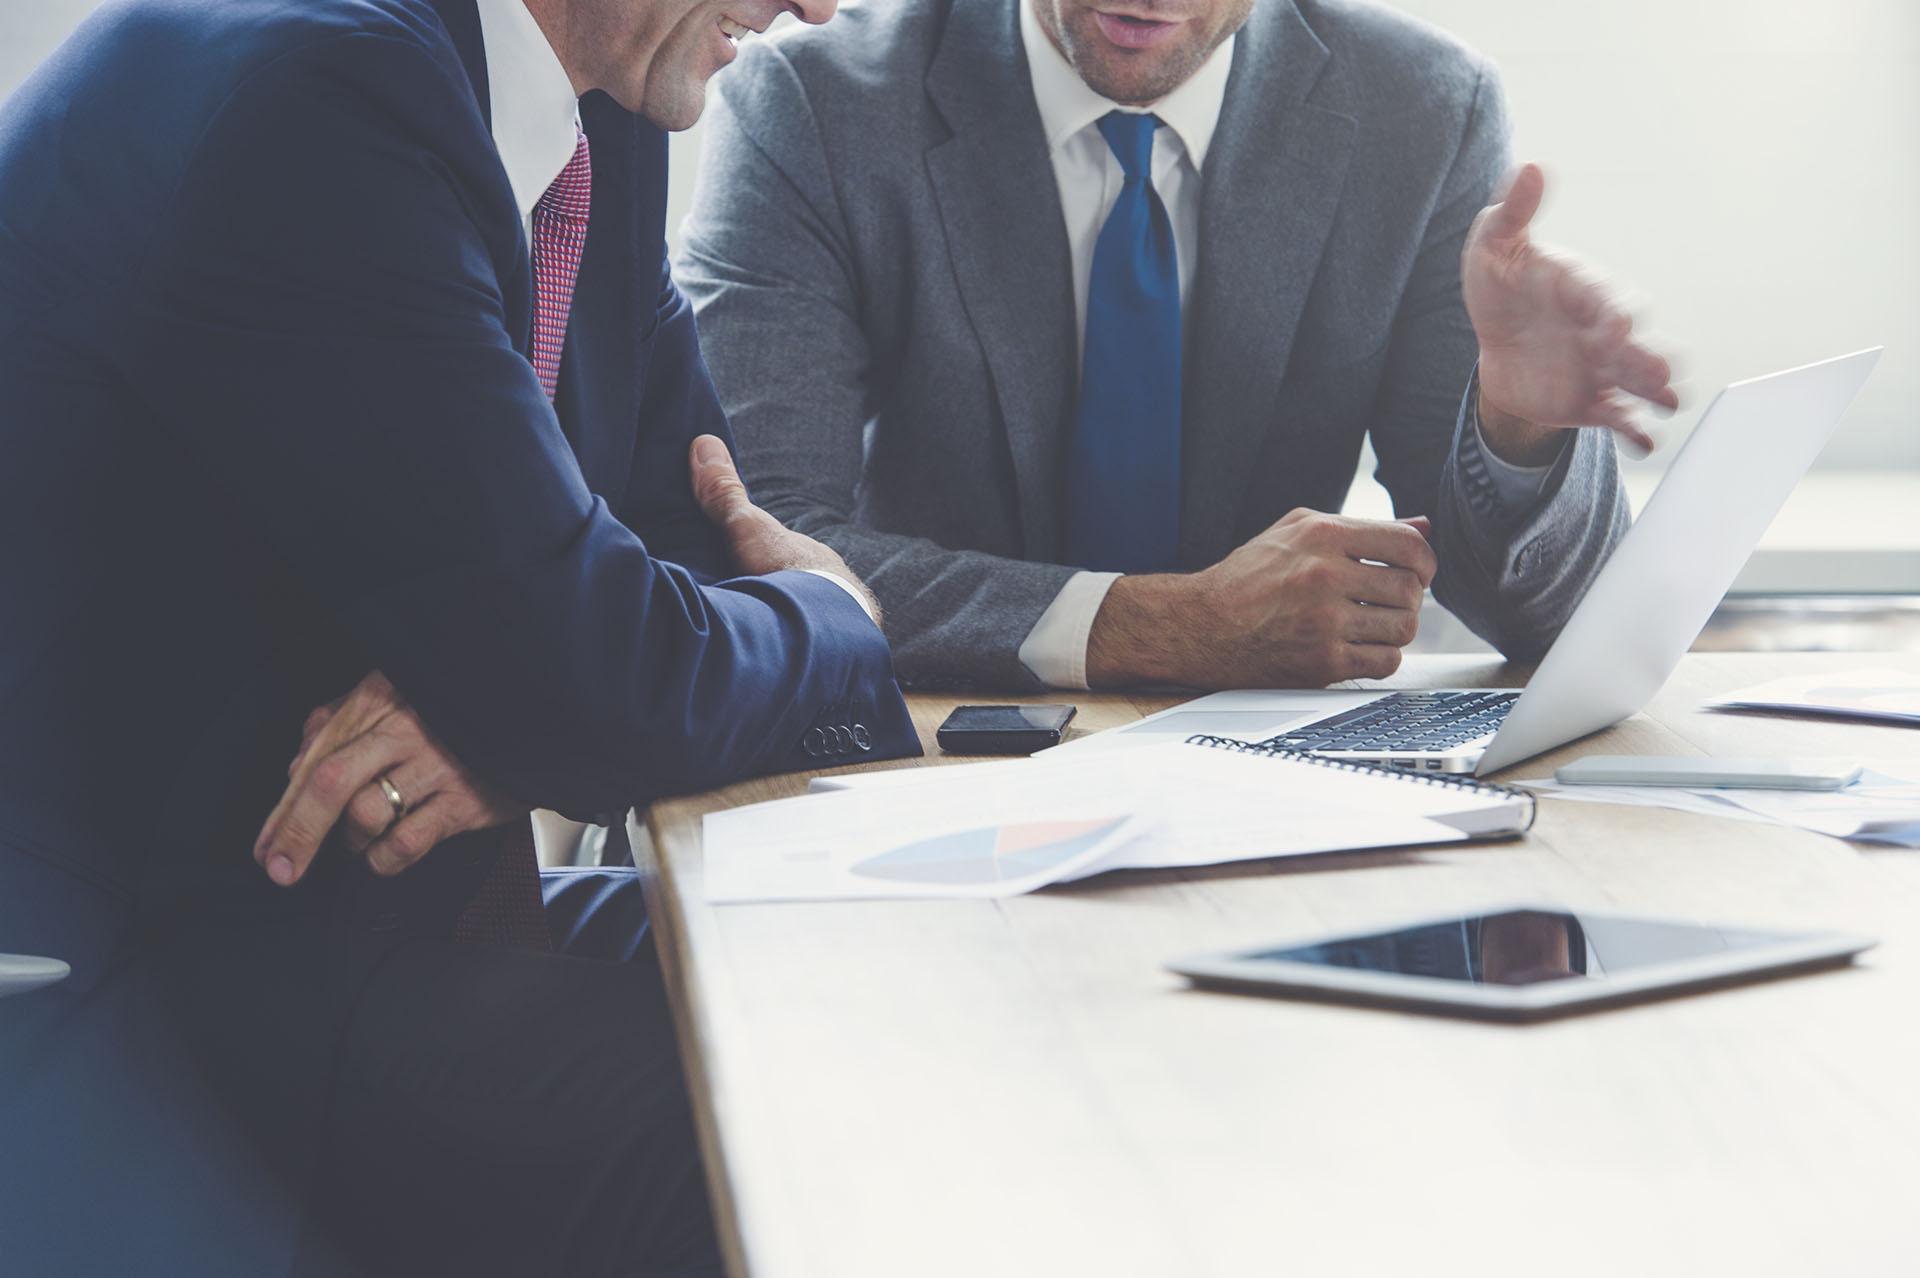 עורך דין מסחרי - עורך דין לעסקים